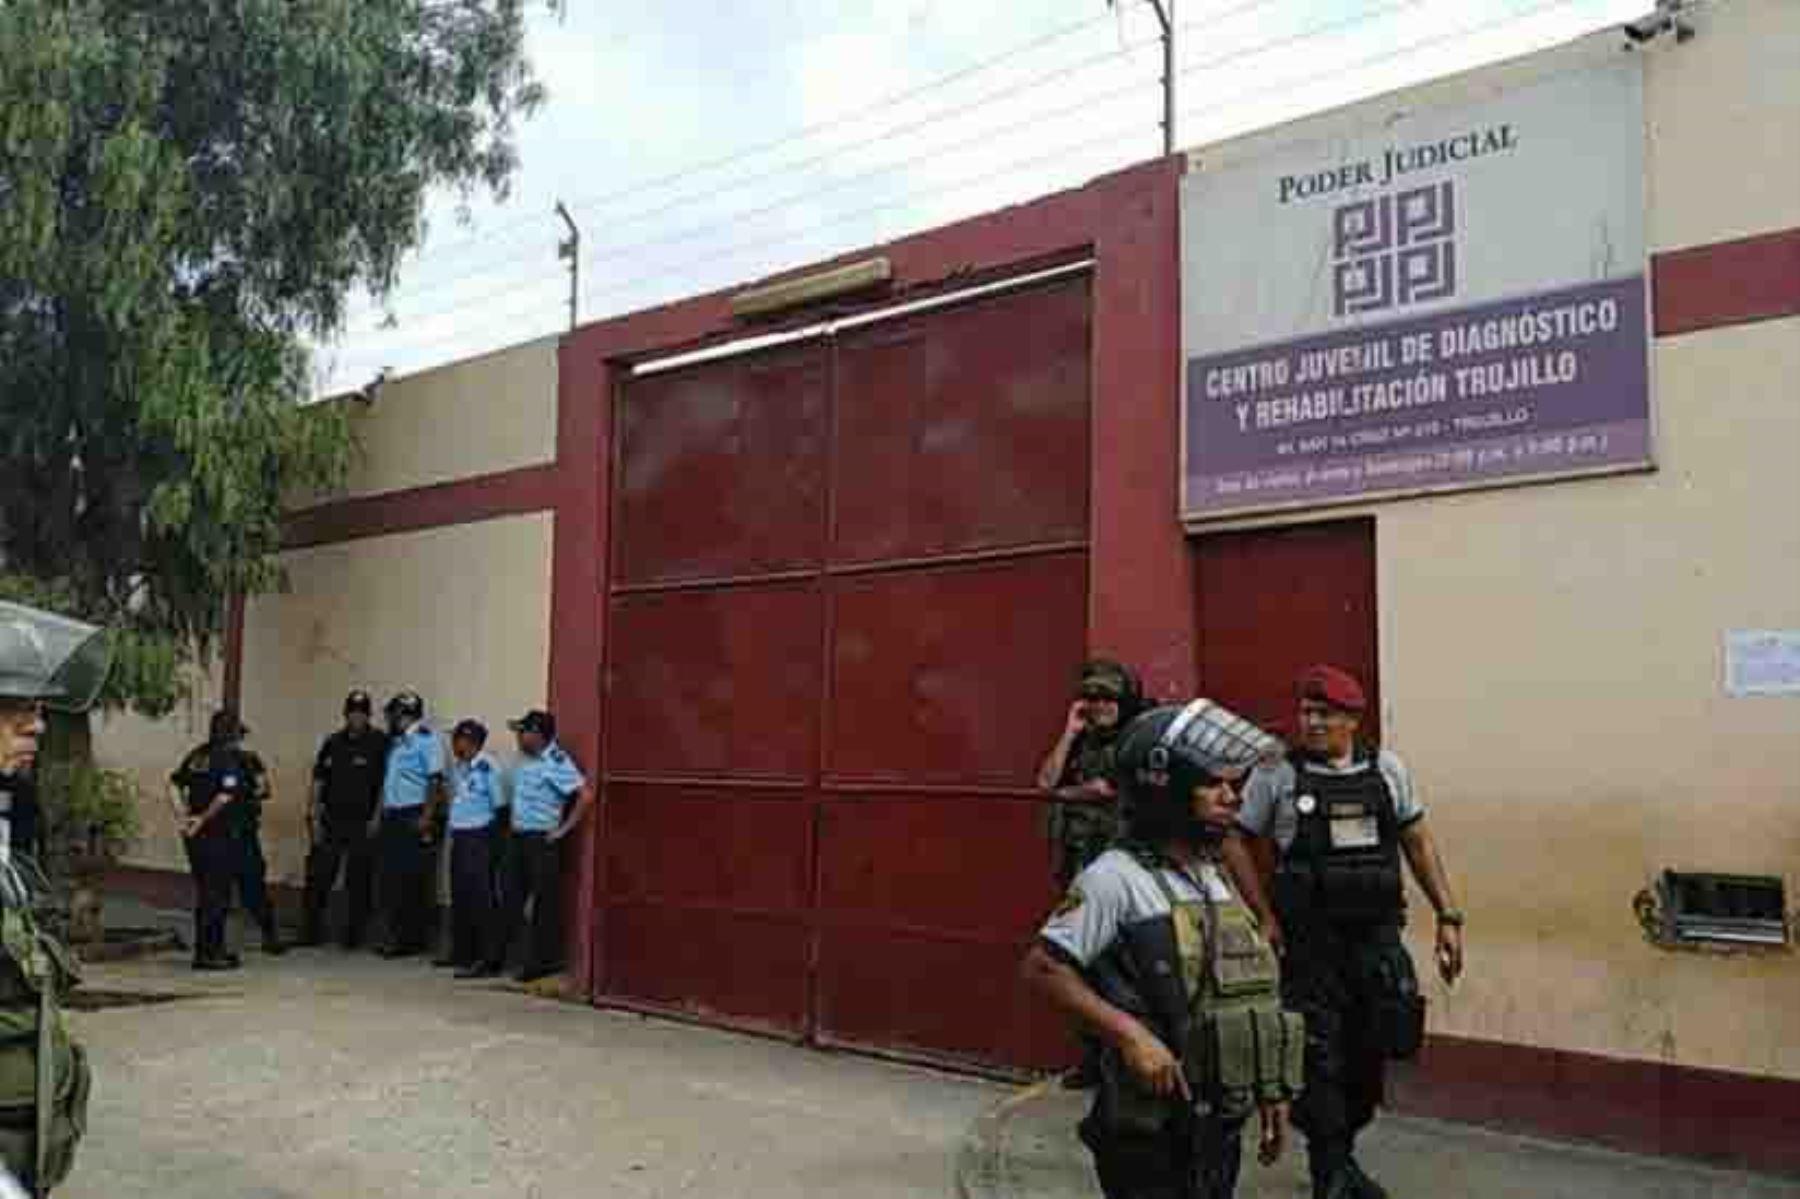 El Instituto Nacional de Defensa Civil (Indeci) informó que cinco personas fallecieron y 29 resultaron heridas en el incendio ocurrido hoy en el Centro Juvenil de Diagnóstico y Rehabilitación de la ciudad de Trujillo. ANDINA/Difusión